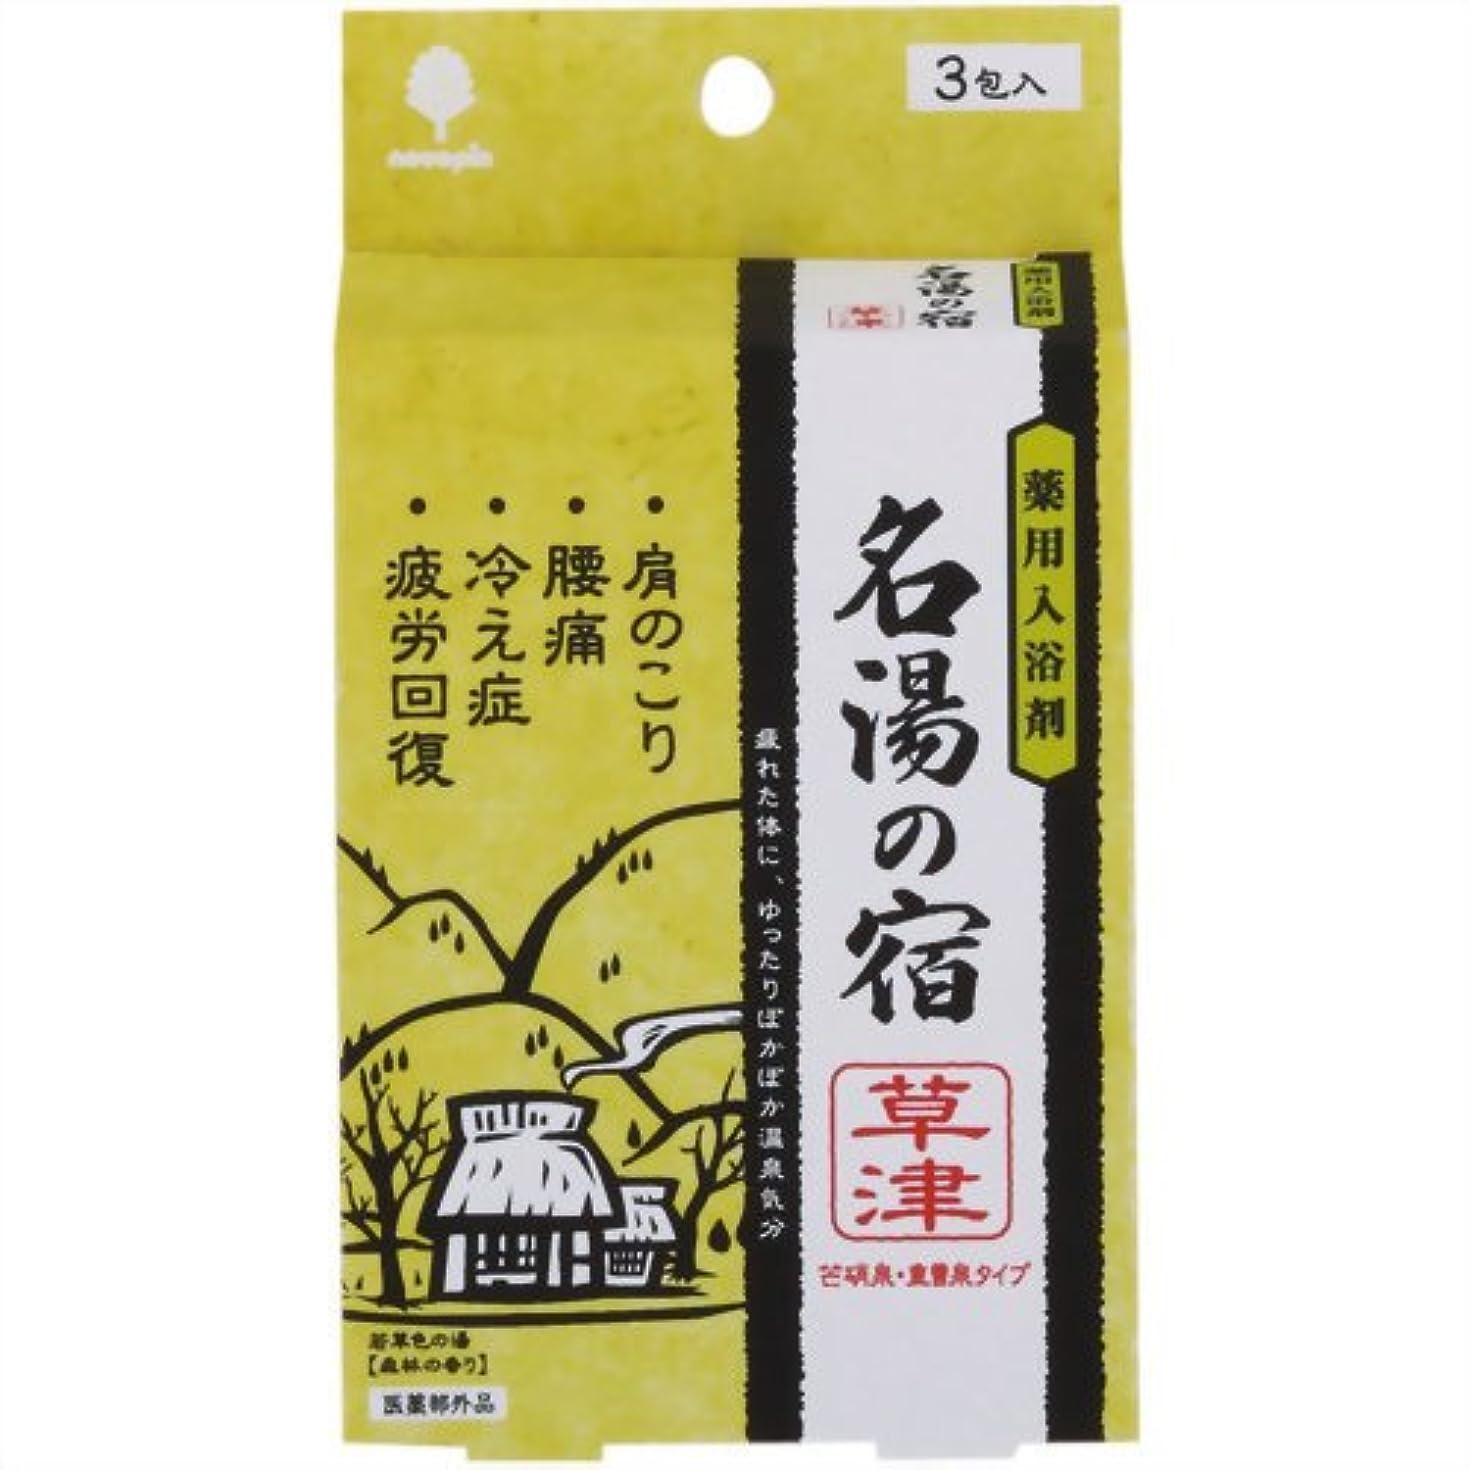 野菜辛い眉薬用入浴剤 名湯の宿 草津 25g×3包入